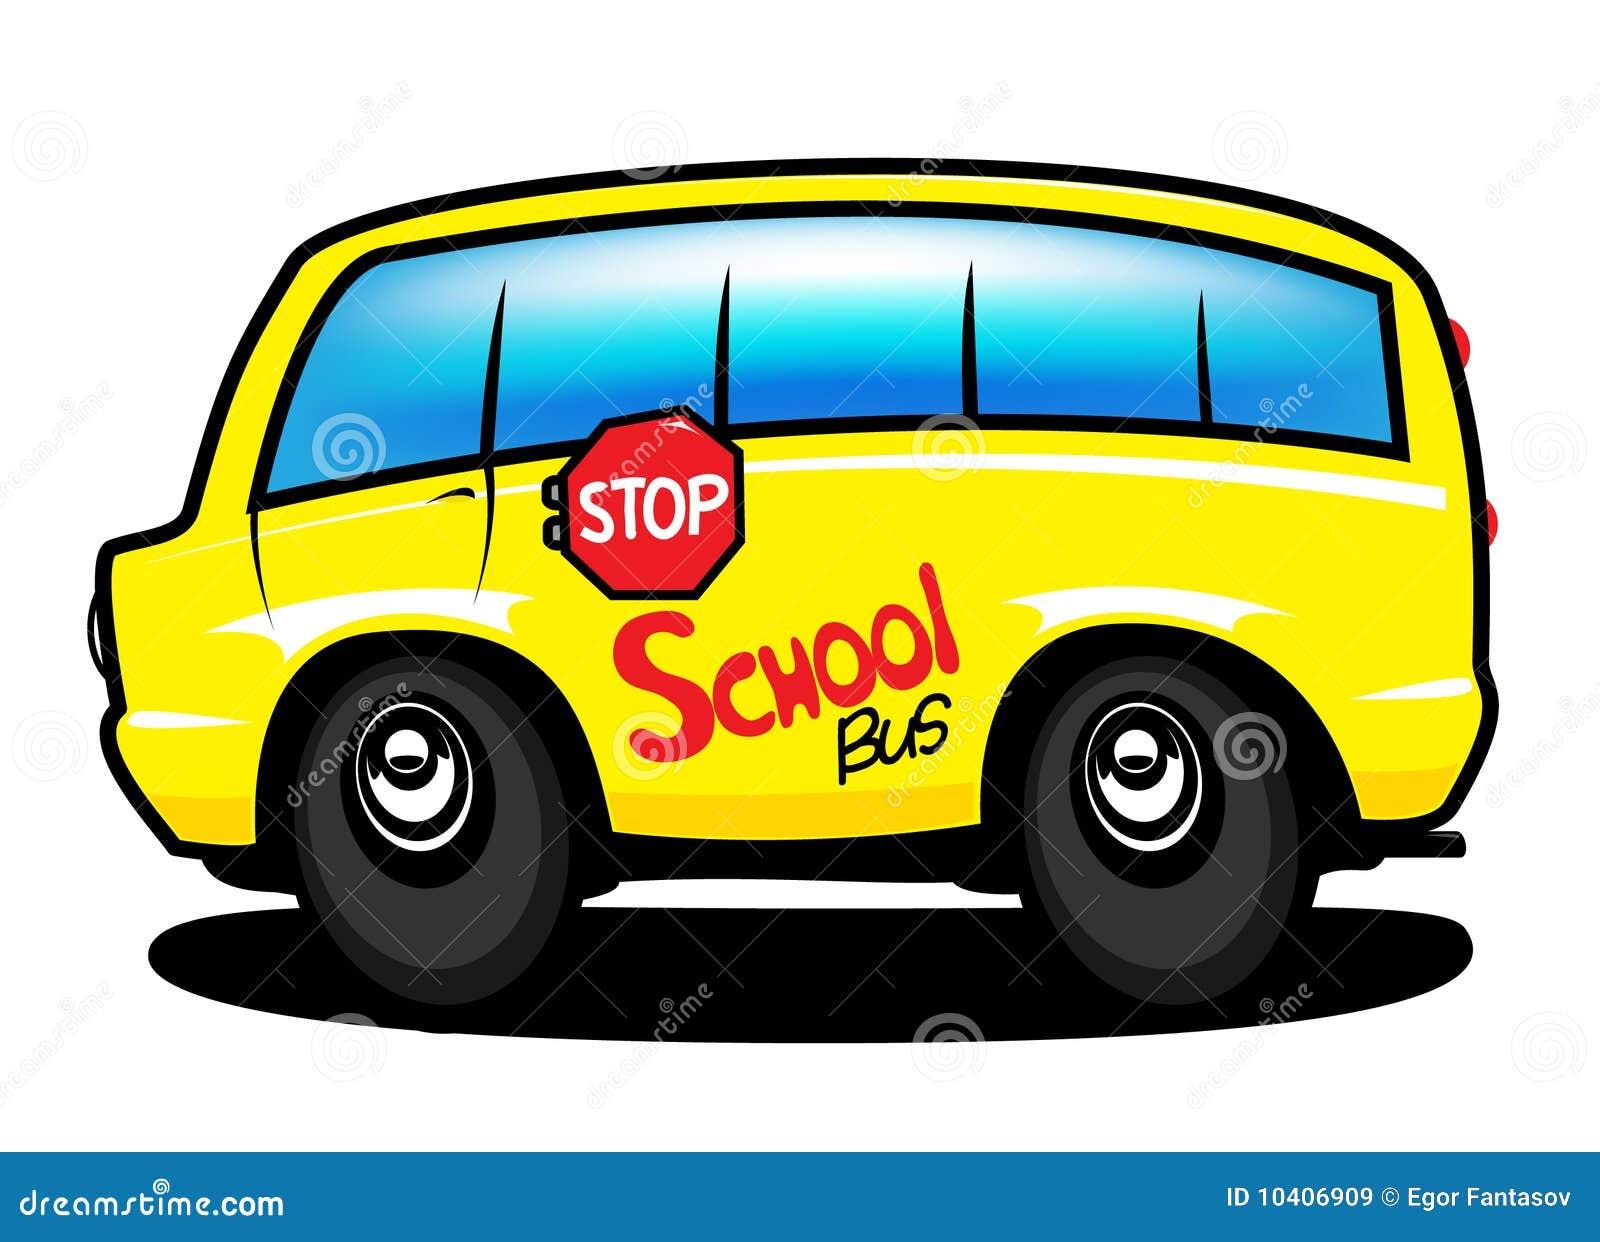 Autobus scolaire images libres de droits image 10406909 - Autobus scolaire dessin ...